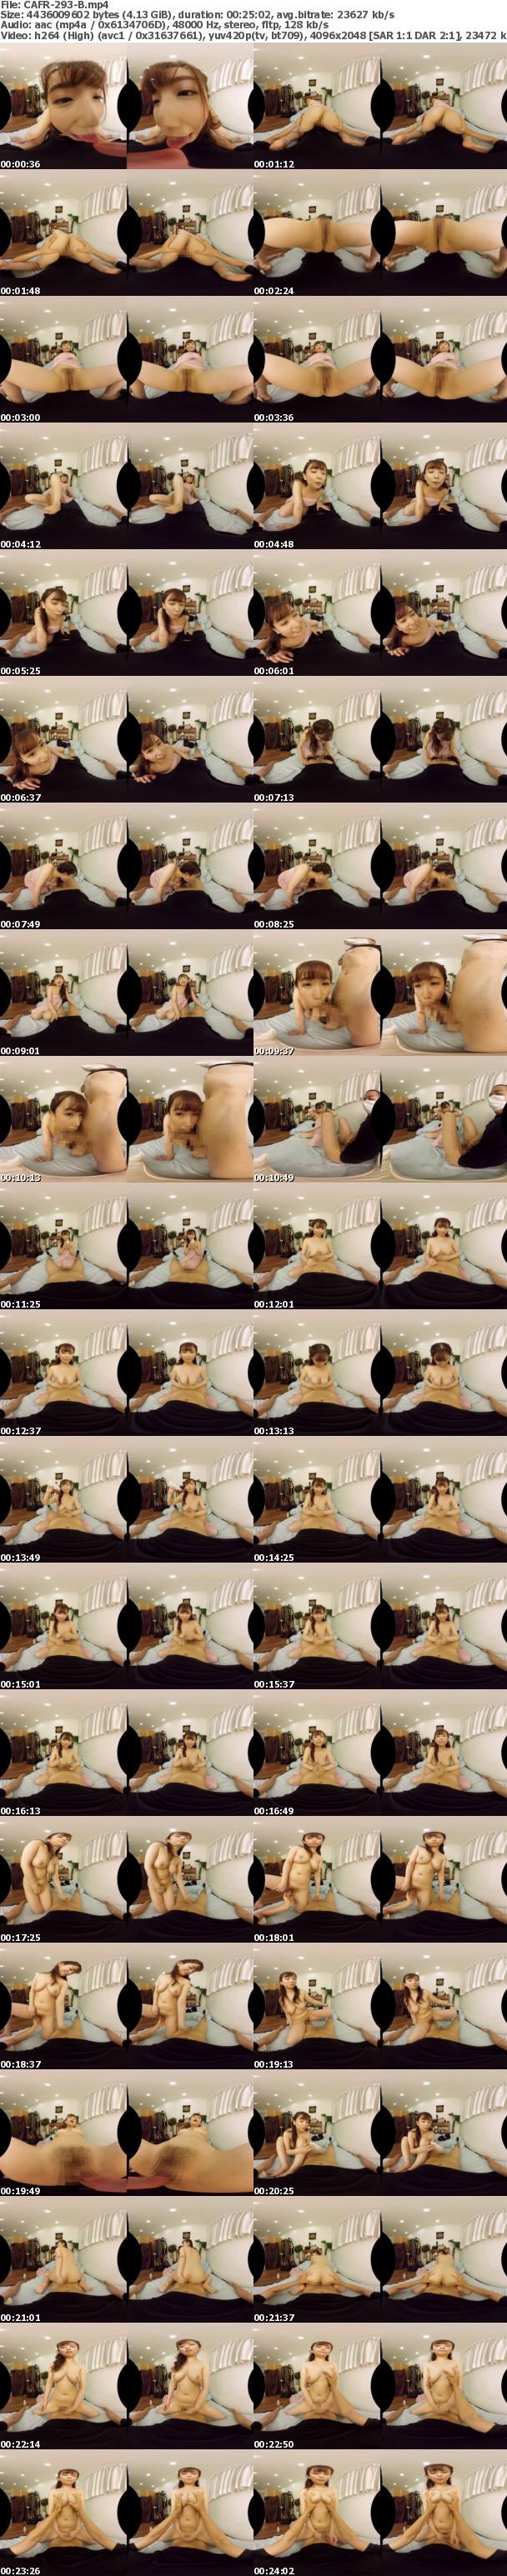 (VR) CAFR-293 HQ高画質対応 AV女優にVRカメラを持たせてハメ撮りさせてみたら想像を遥かに超えた卑猥映像に仕上がった。笹倉杏